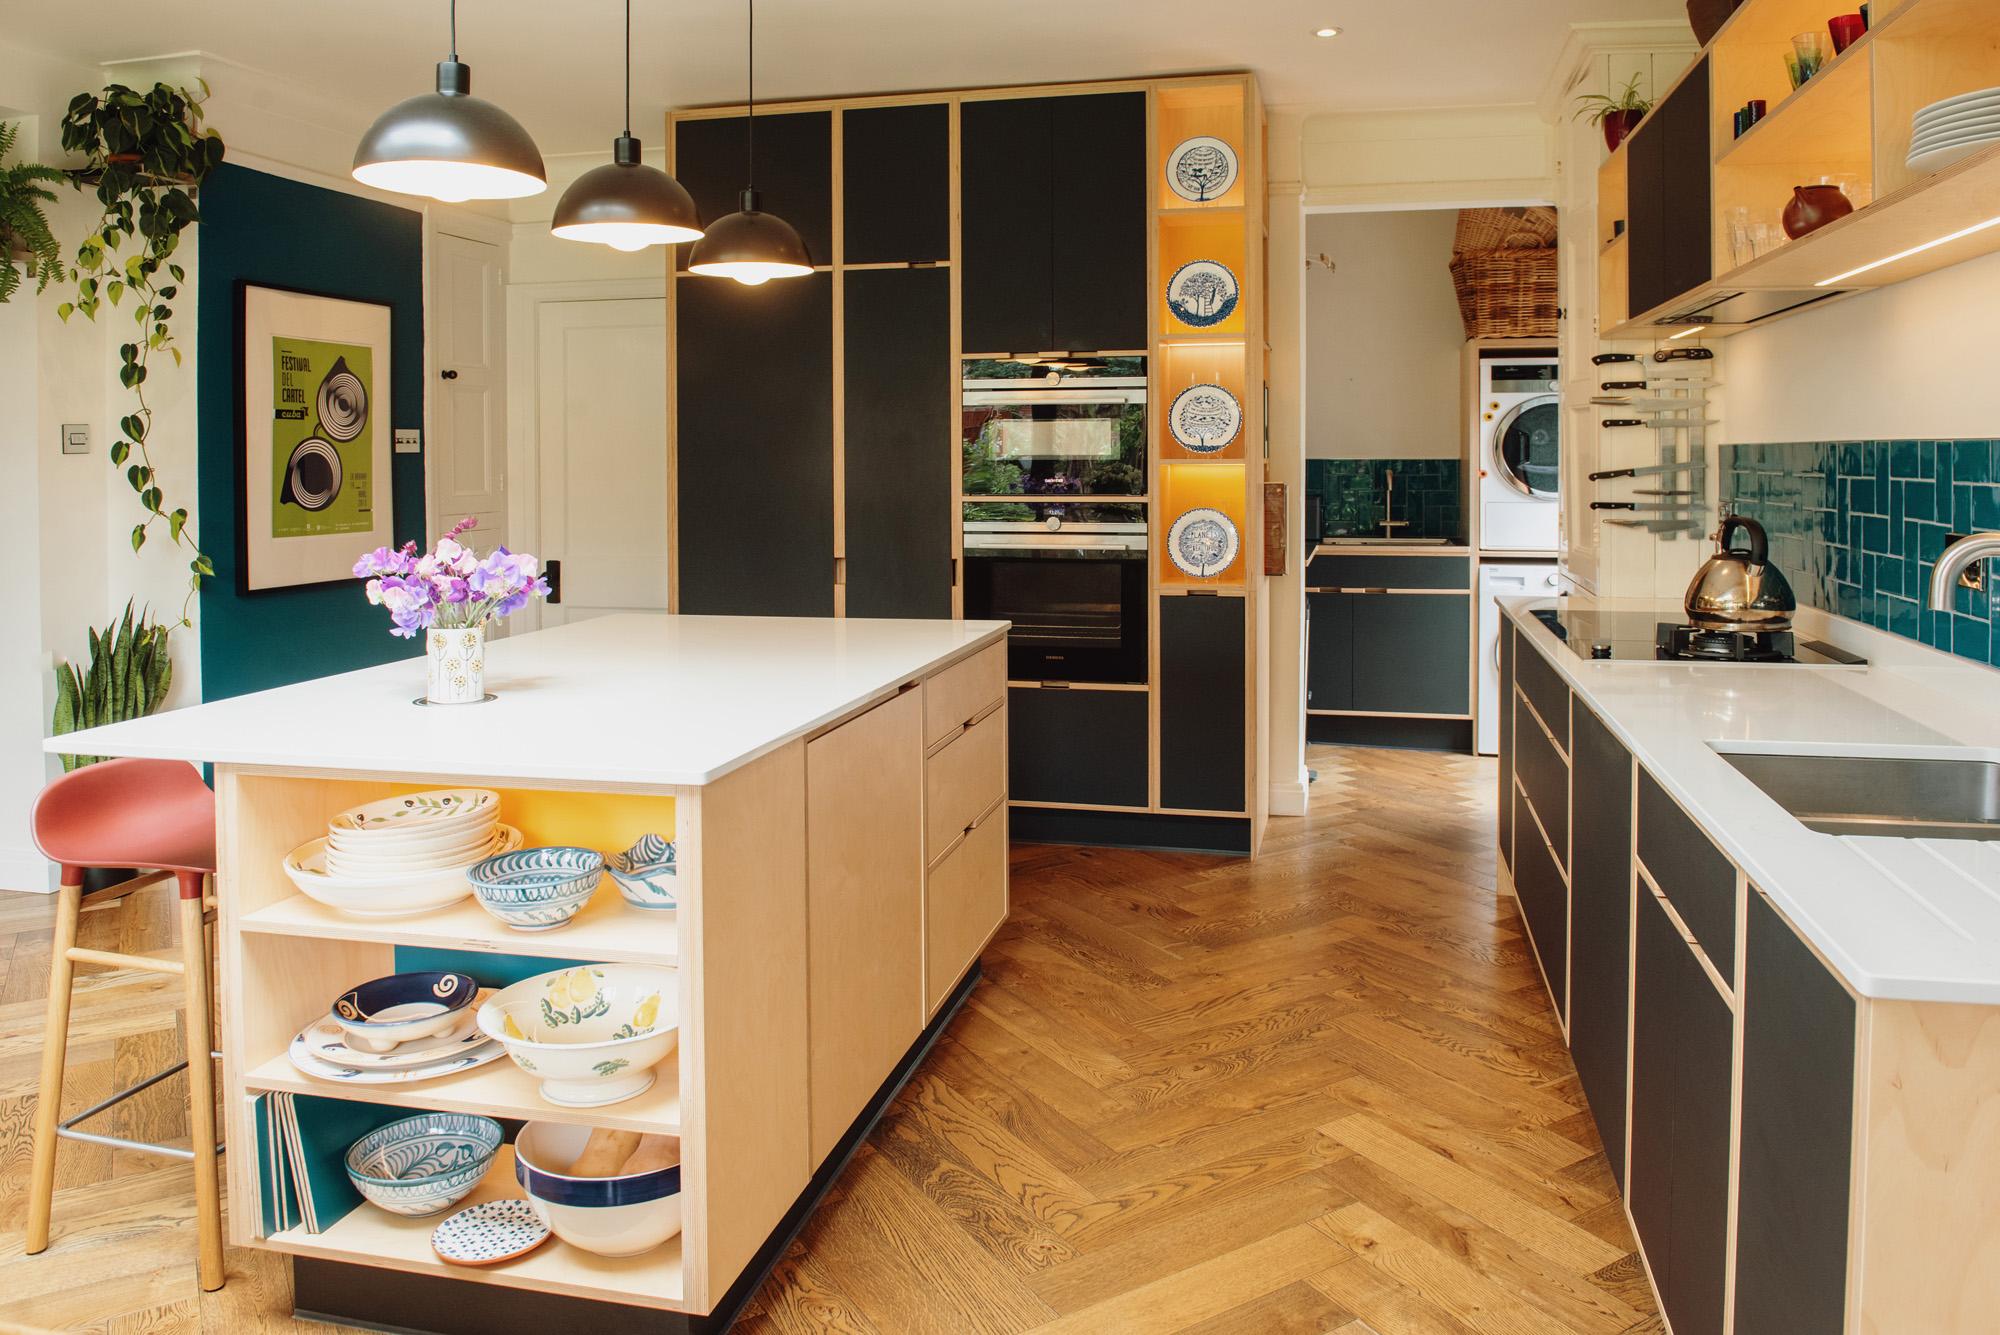 plywood kitchen with parquet flooring